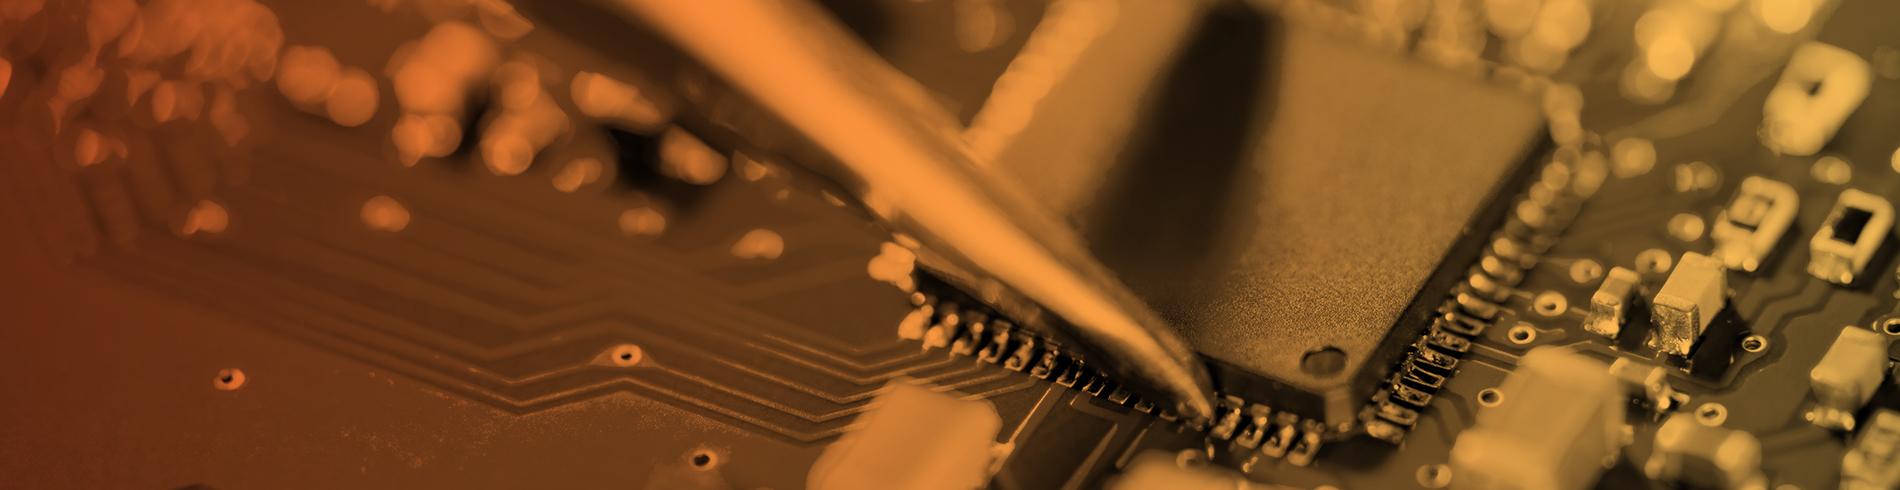 Assegurança d'avaria de maquinària i equips electrònics